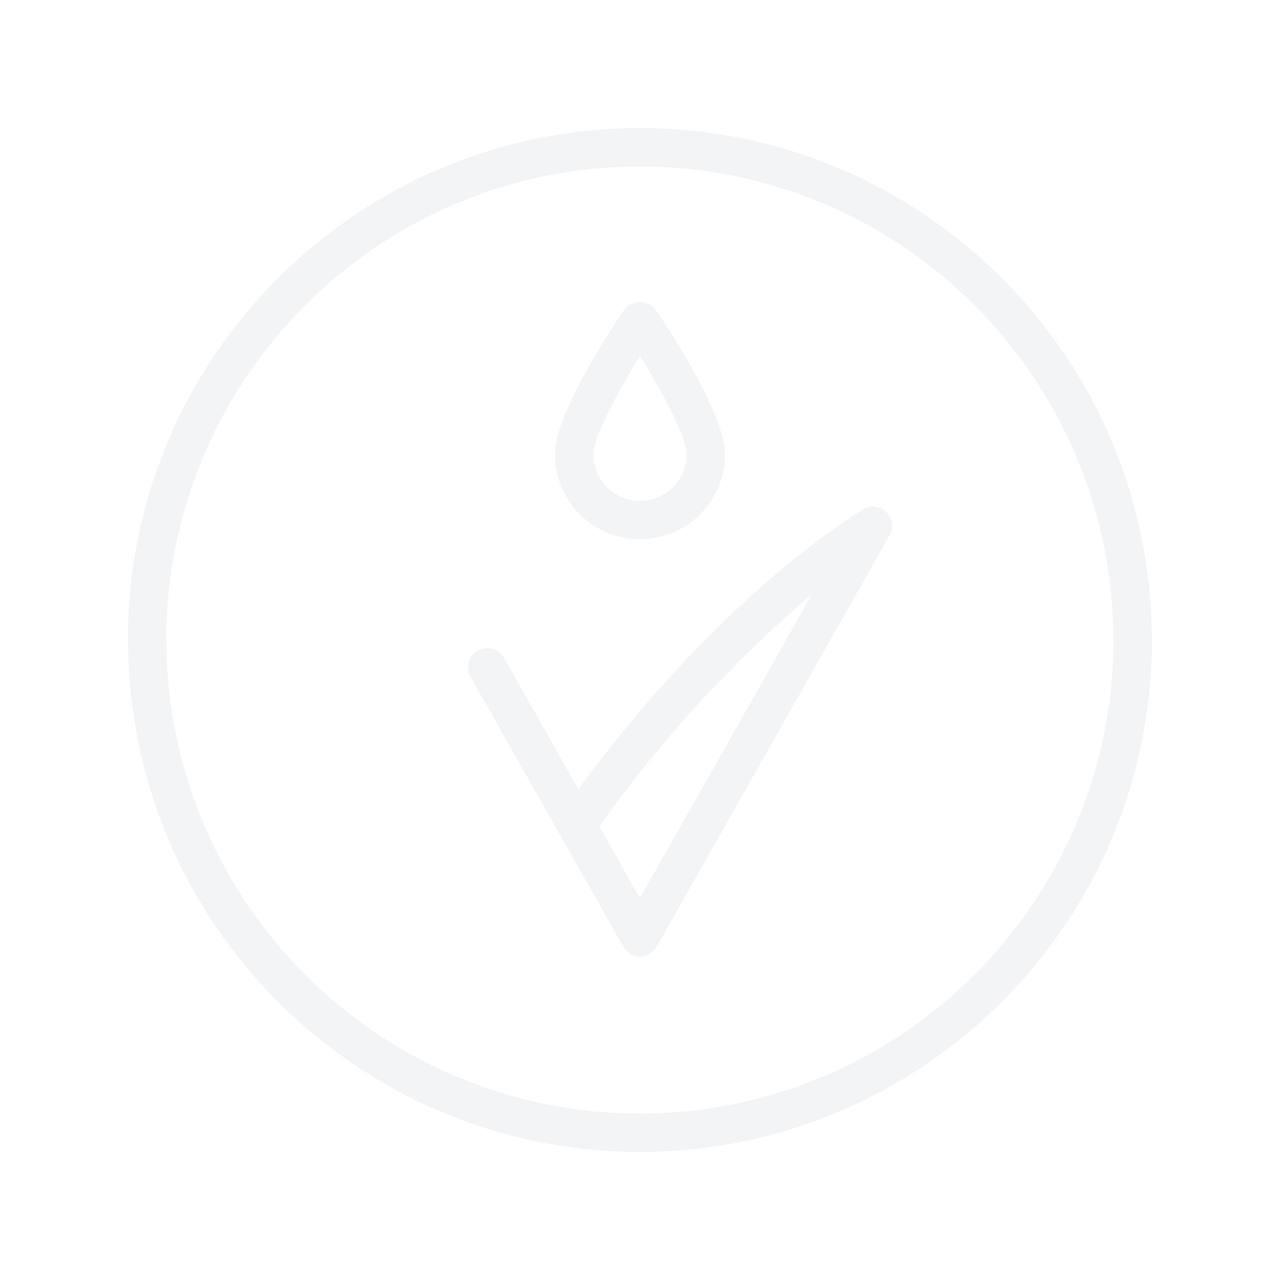 BIODROGA MD Even & Perfect DD Cream SPF25 Light 40ml